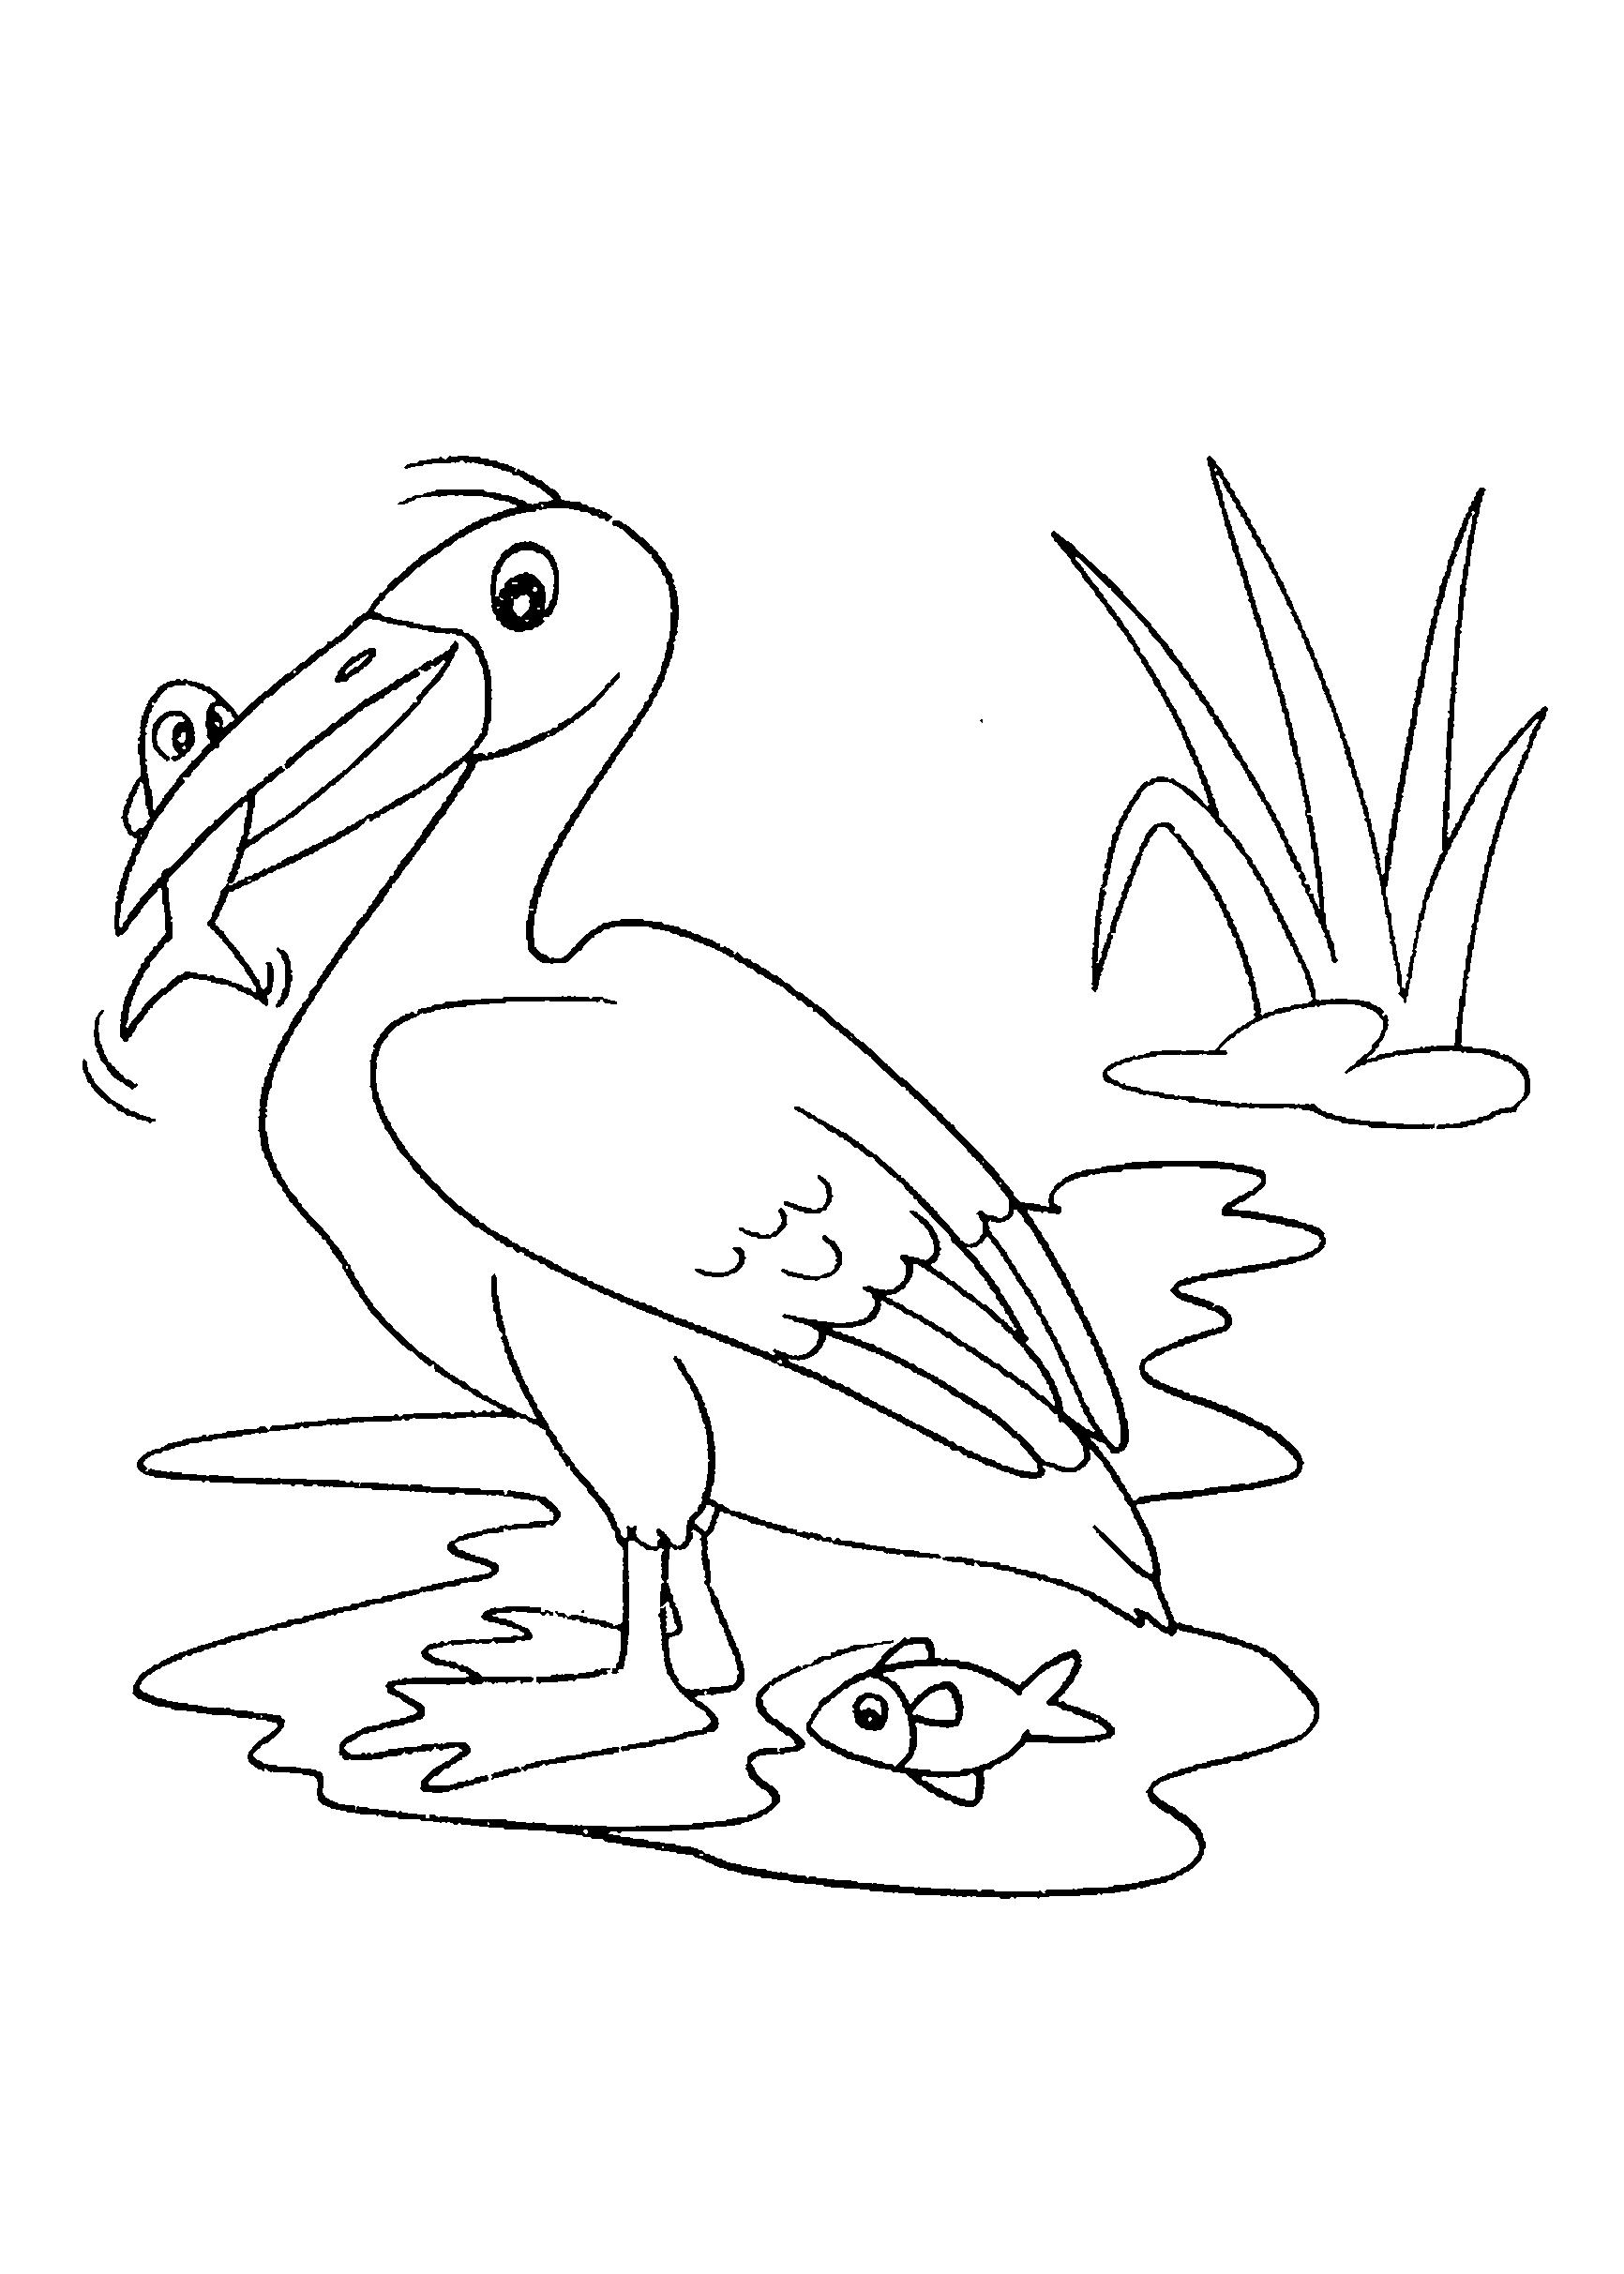 Desenho de ave se alimentado